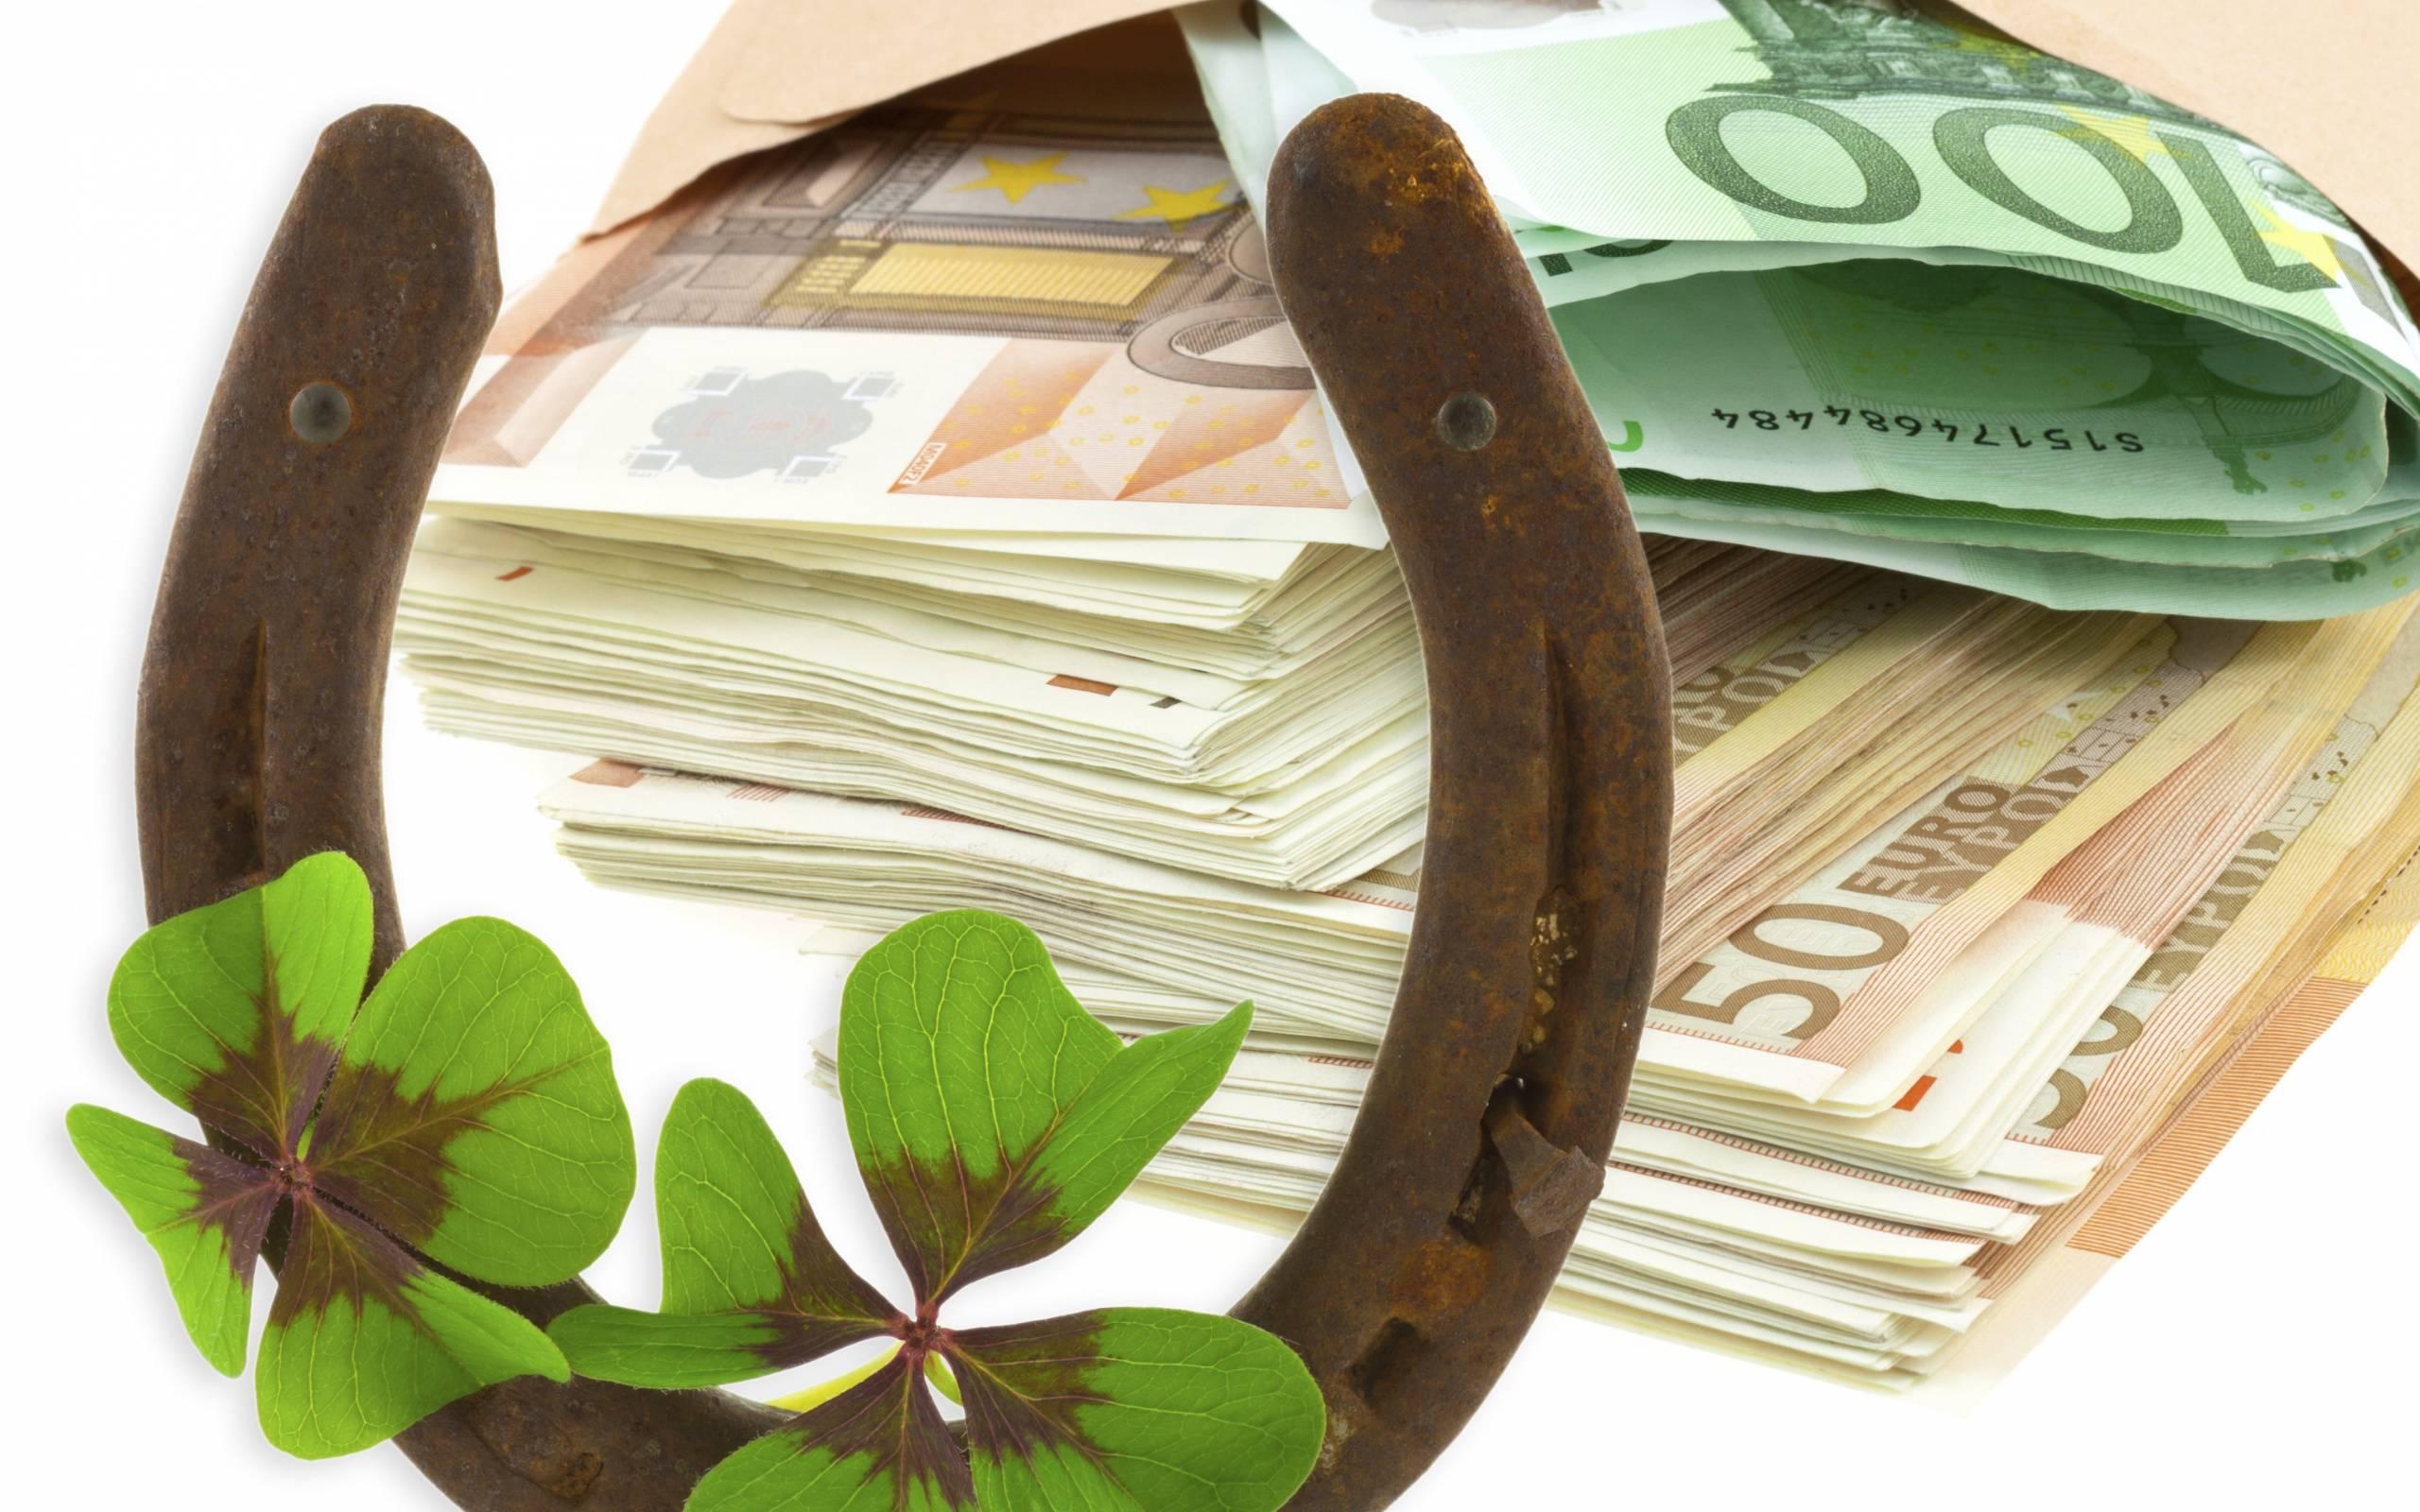 Как притянуть к себе удачу и деньги: народные приметы на богатство